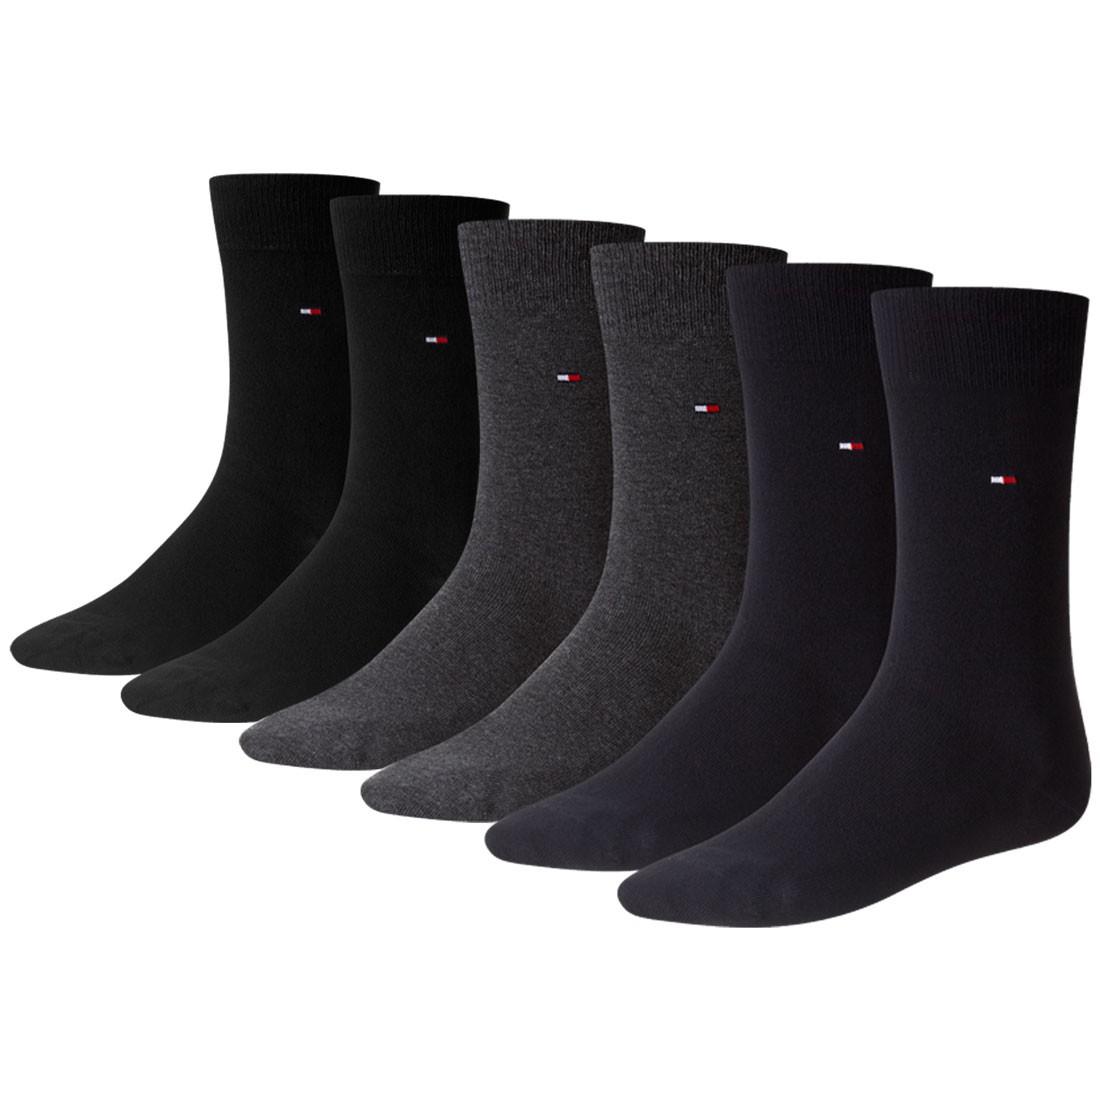 6er Pack TOMMY HILFIGER Socken – Bild 5